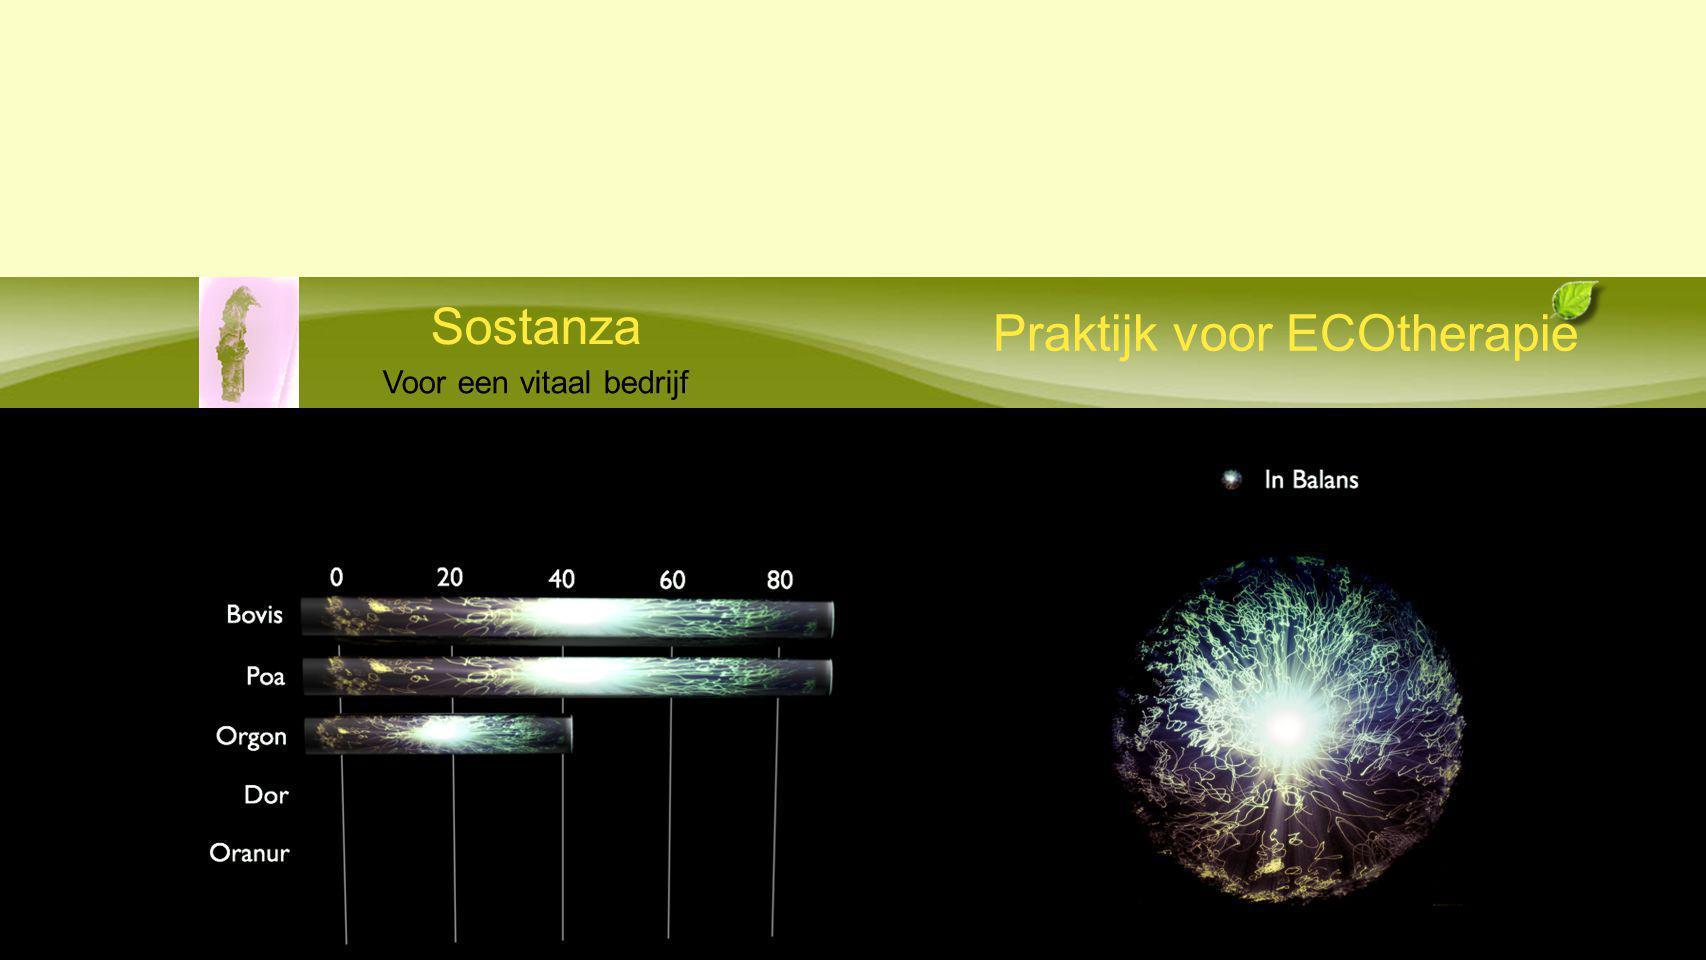 Praktijk voor ECOtherapie Sostanza Voor een vitaal bedrijf